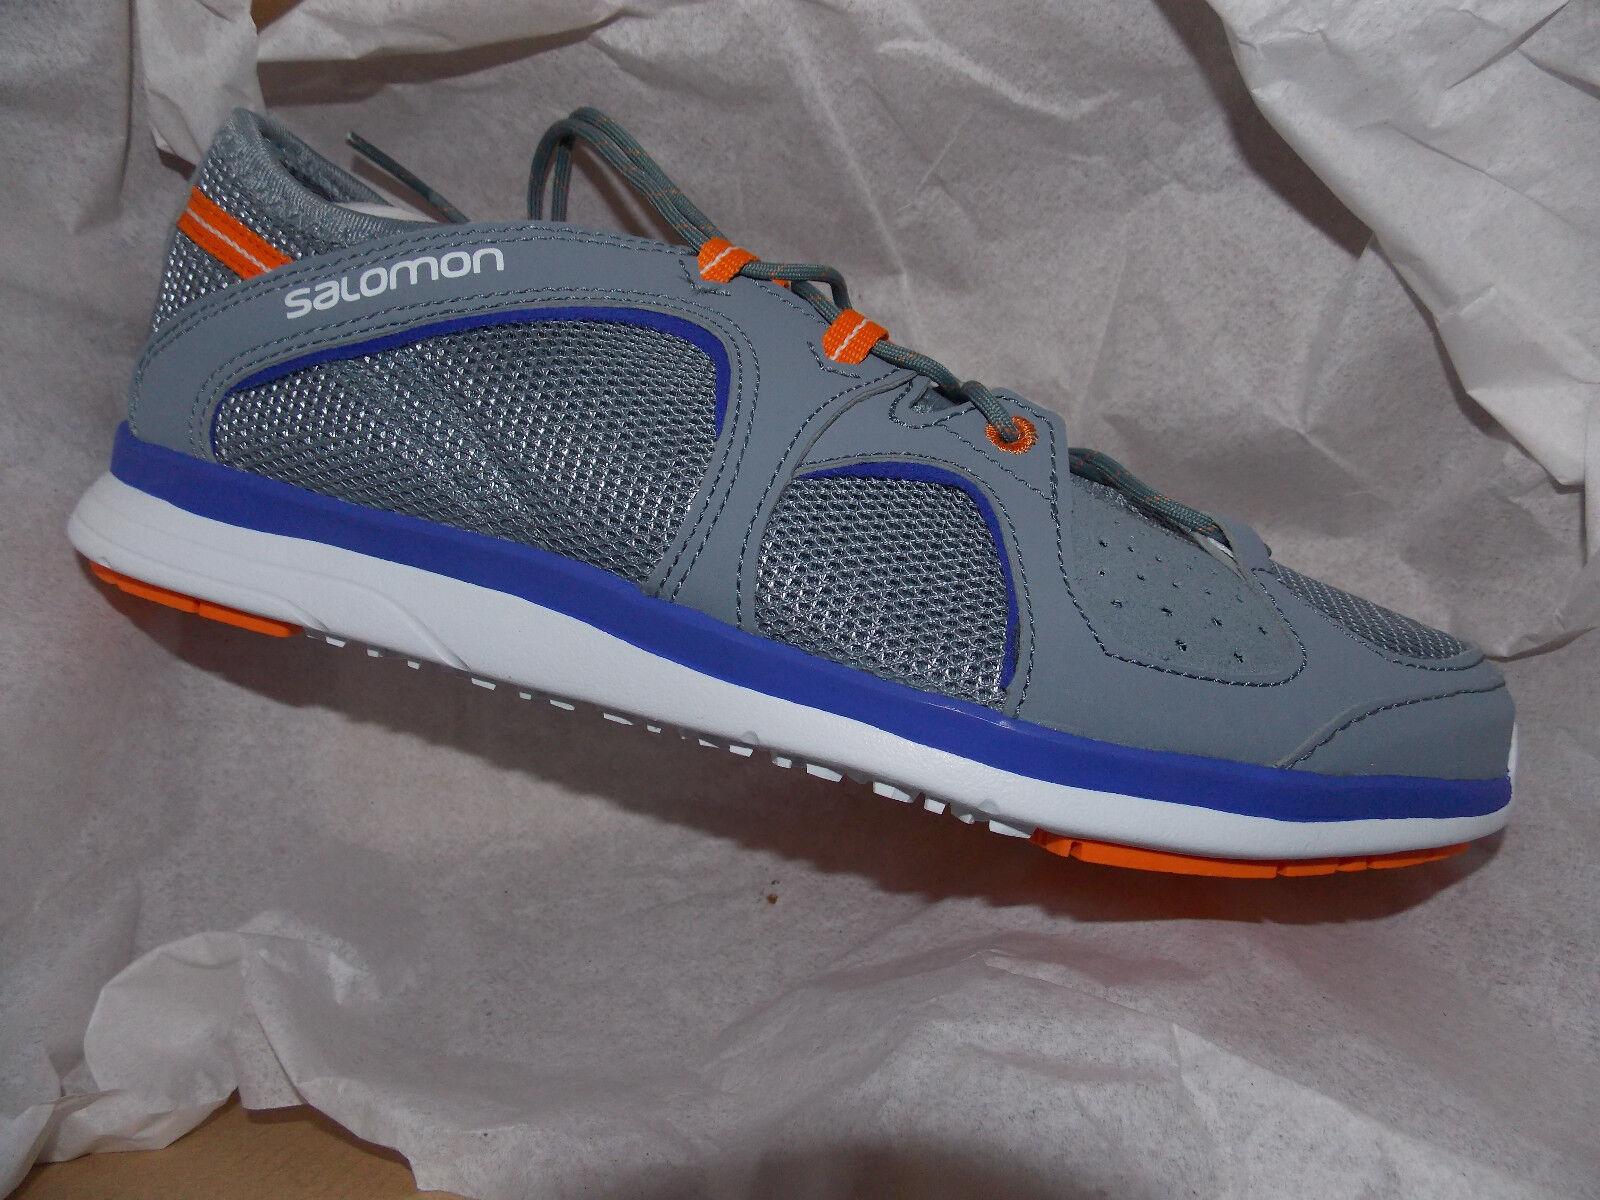 59) Salomon Cove Light Damen Outdoor Schuhe Gr. 38 2/3 UK 5,5 Graus/Silber